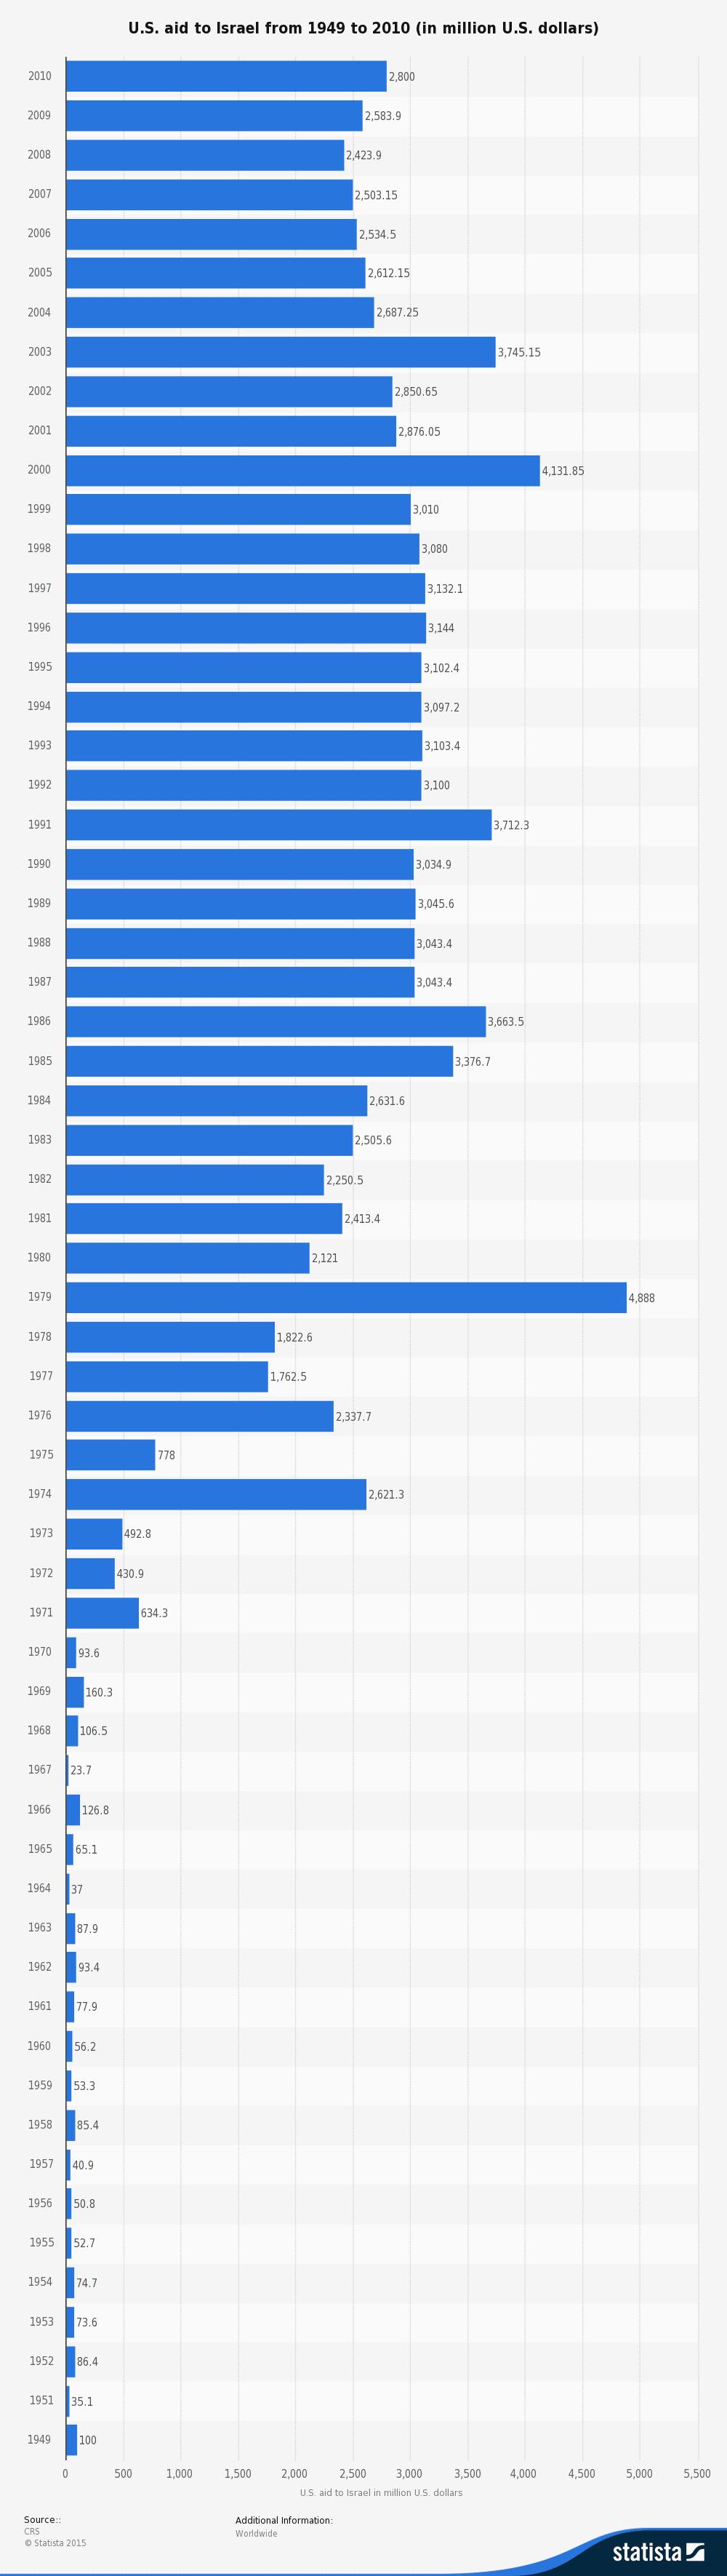 الدعم الأمريكي لإسرائيل منذ 1949 إلى 2010